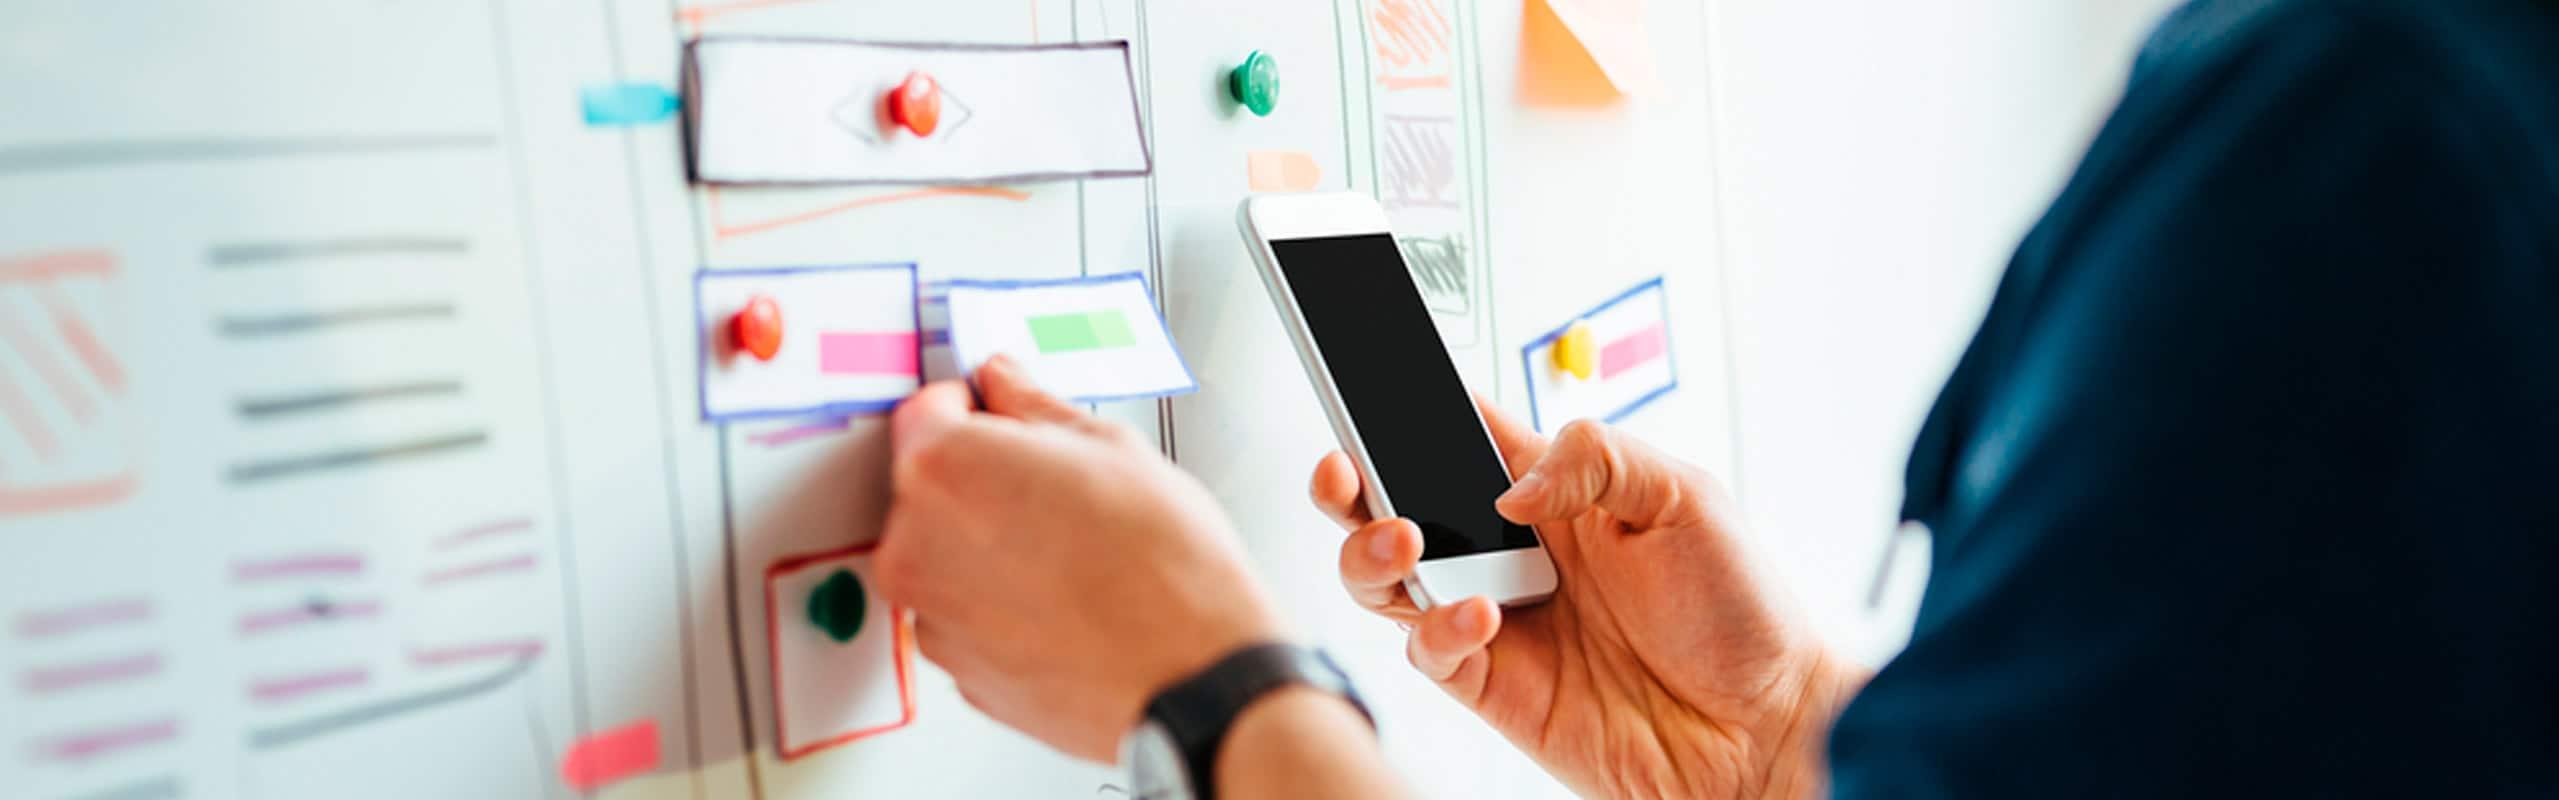 Descubre Jquery Mobile y las ventajas que ofrece a la hora de crear una app